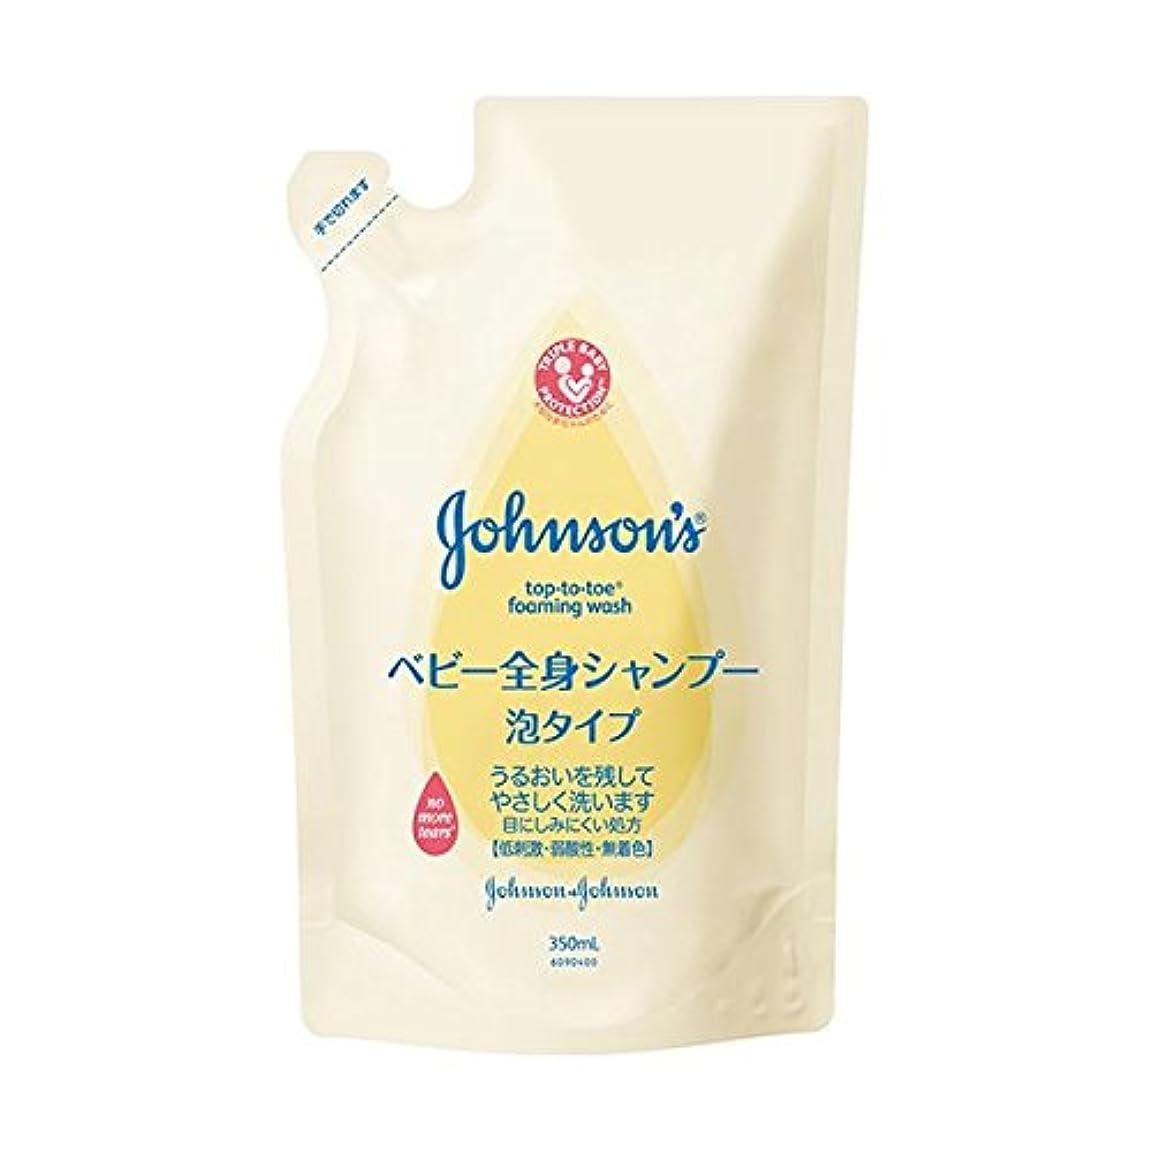 【お徳用 4 セット】 ジョンソン ベビー全身シャンプー 泡タイプ 詰替用 350ml×4セット